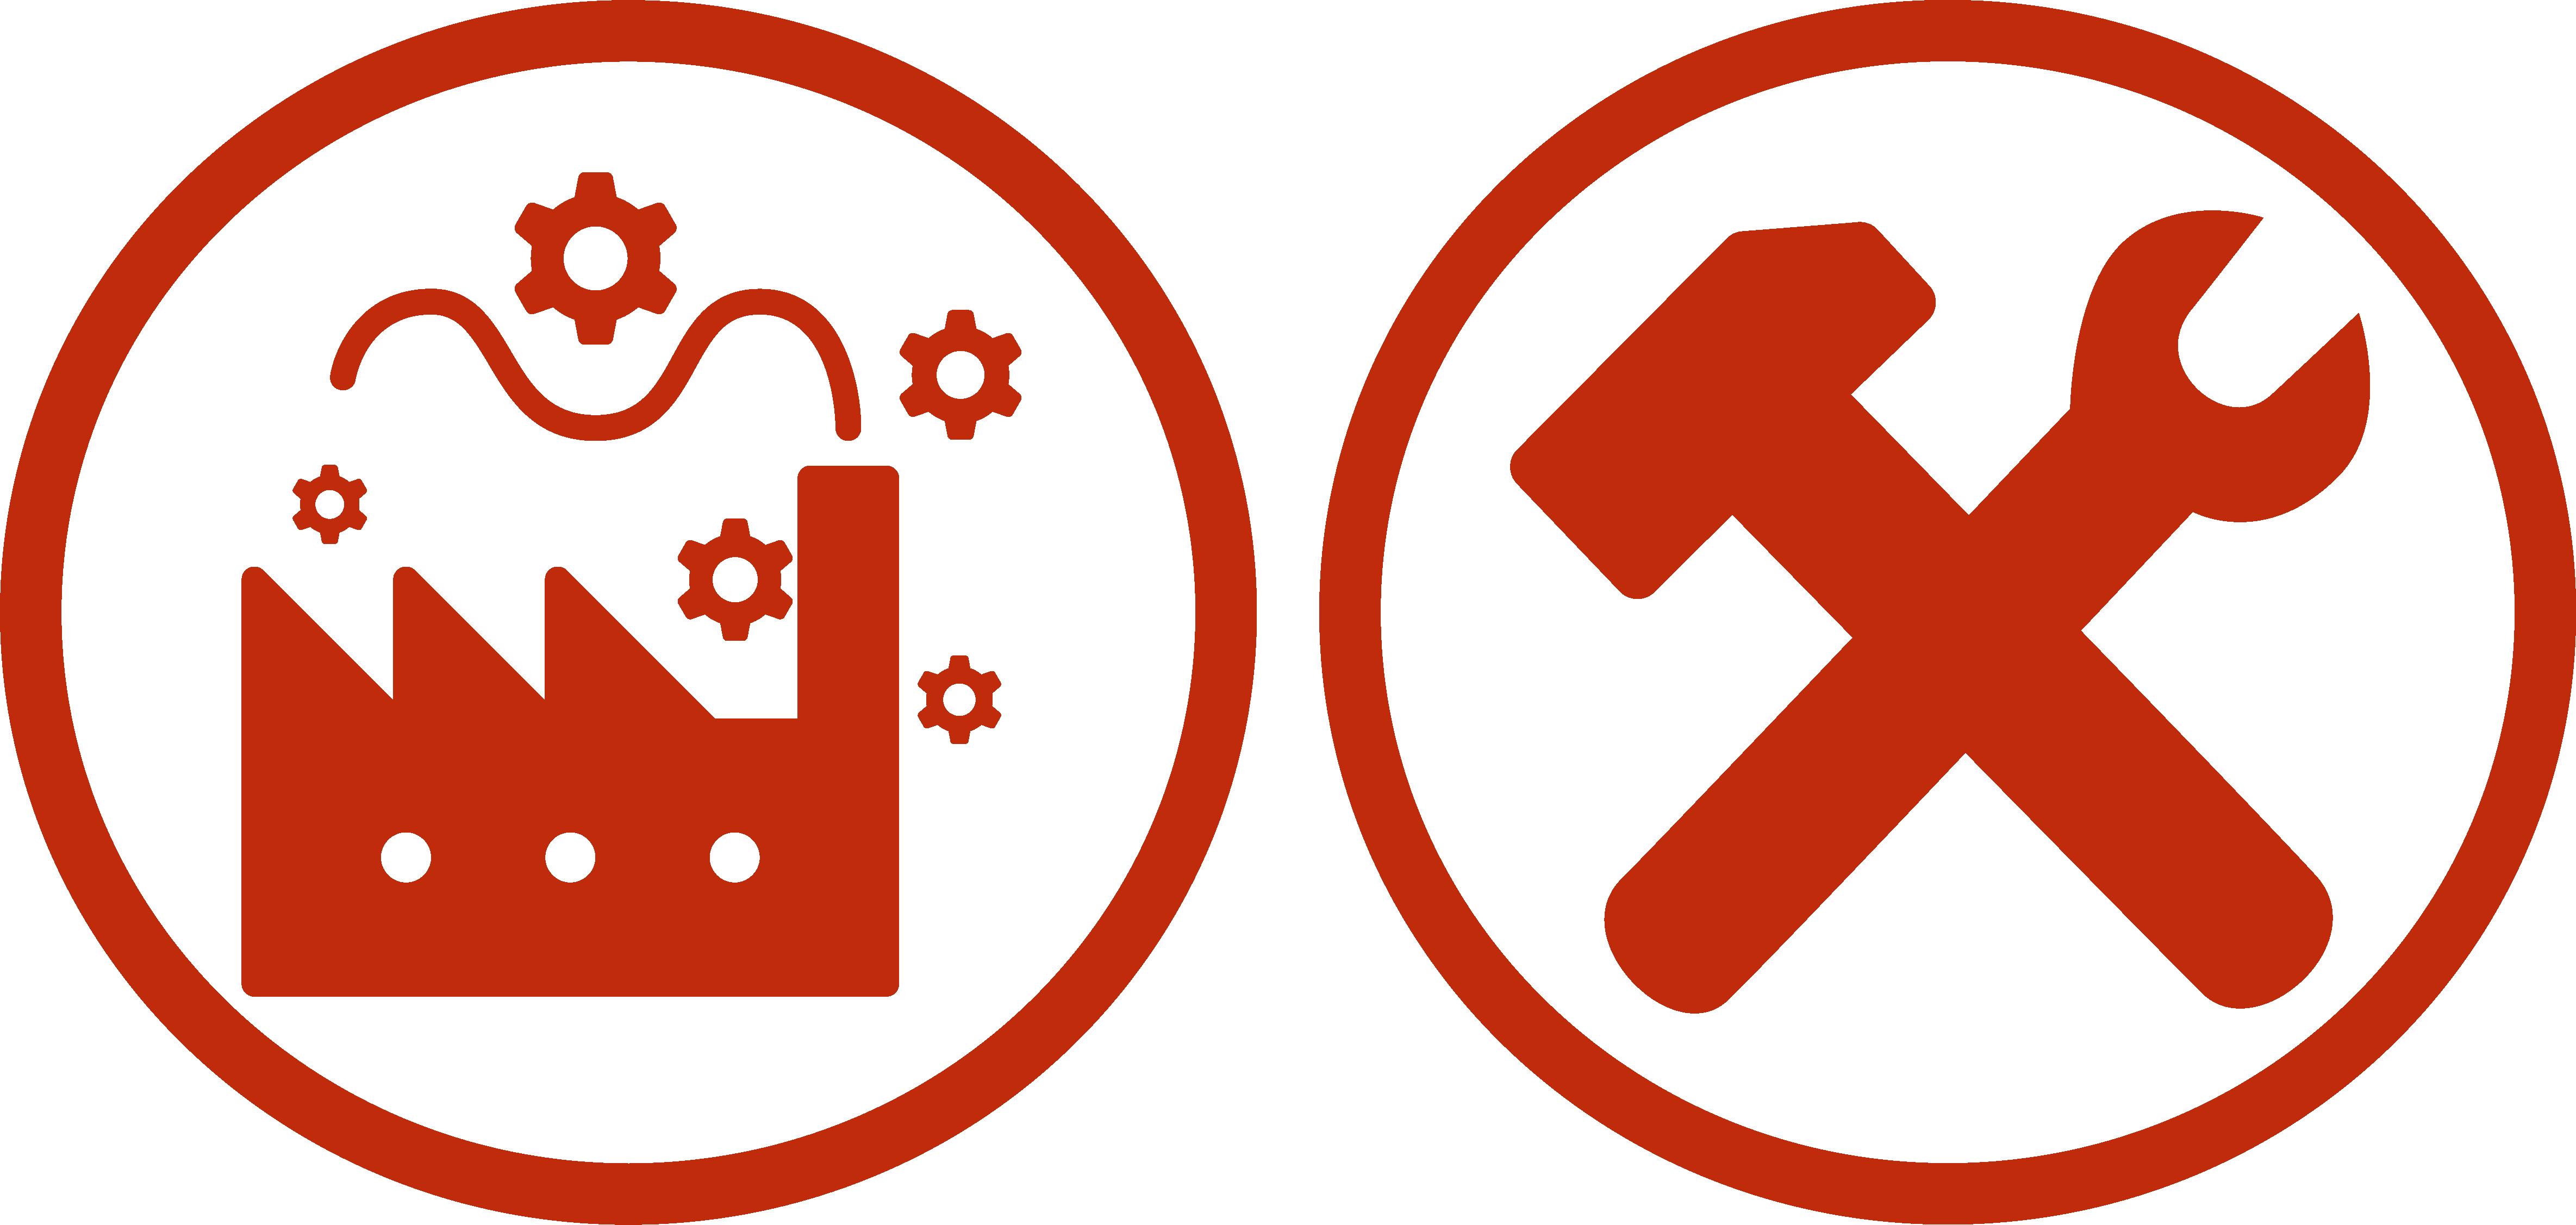 Industrie und Handwerk_icon